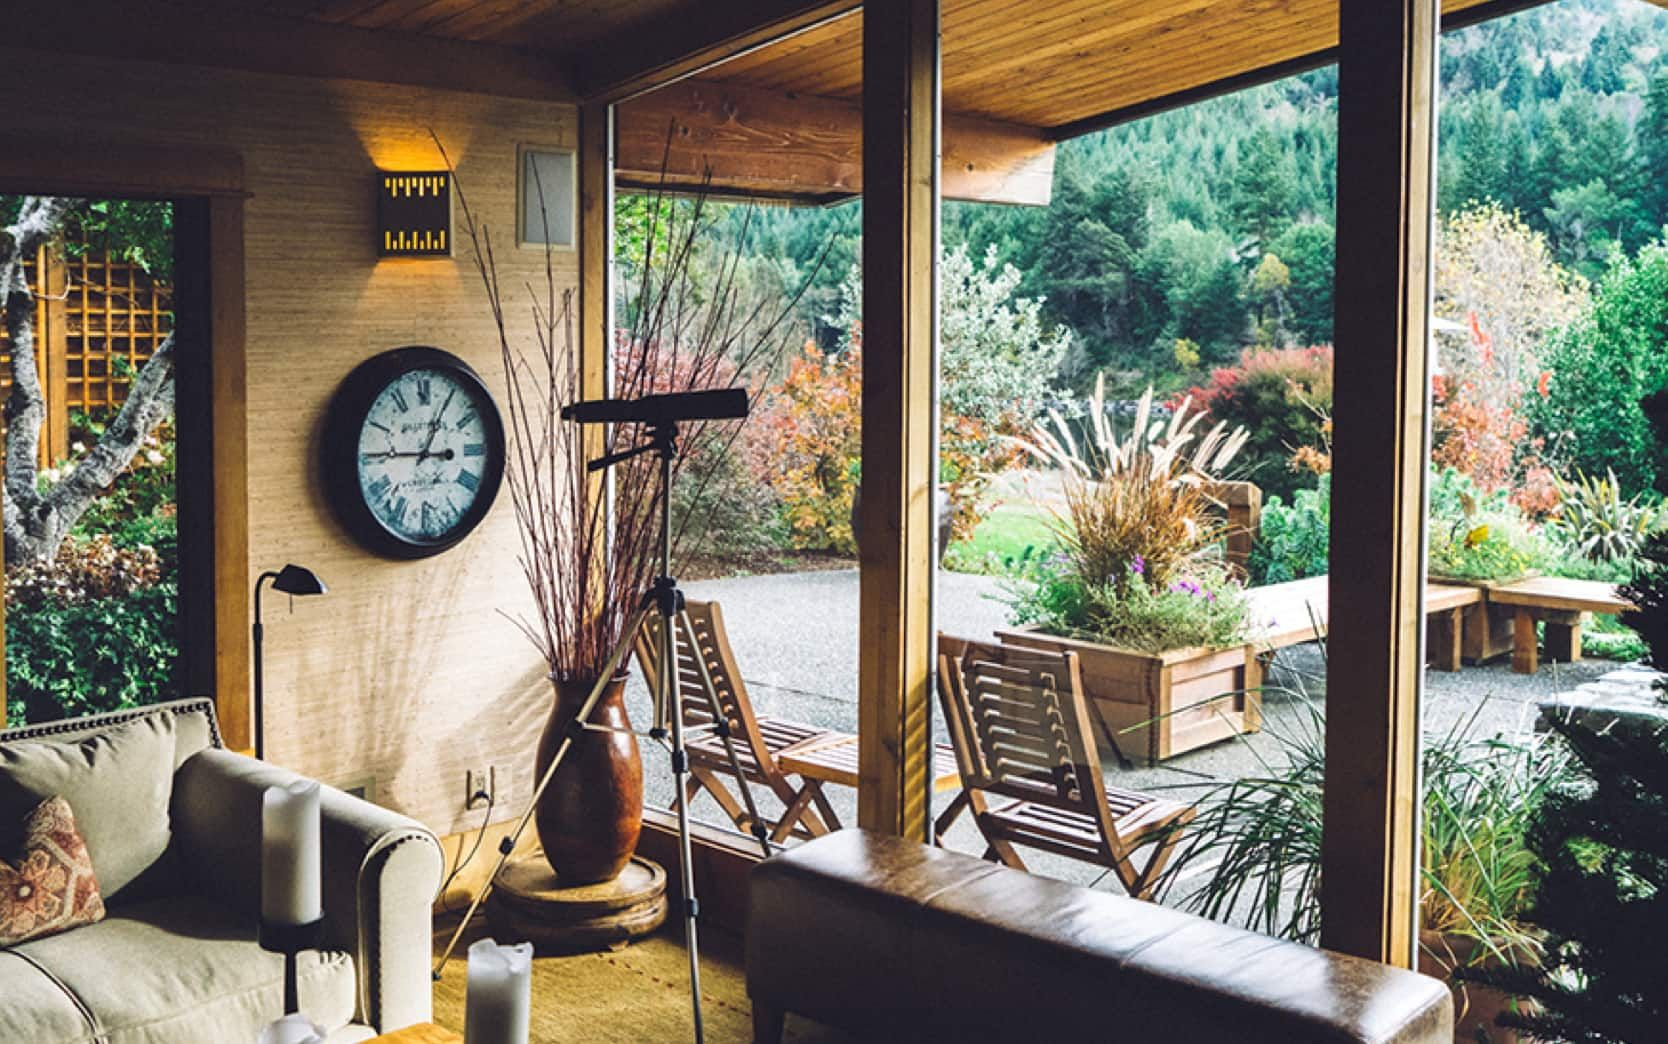 pokoj zařízený ve dřevě se skleněnými okny a výhledem do vnějšího prostoru